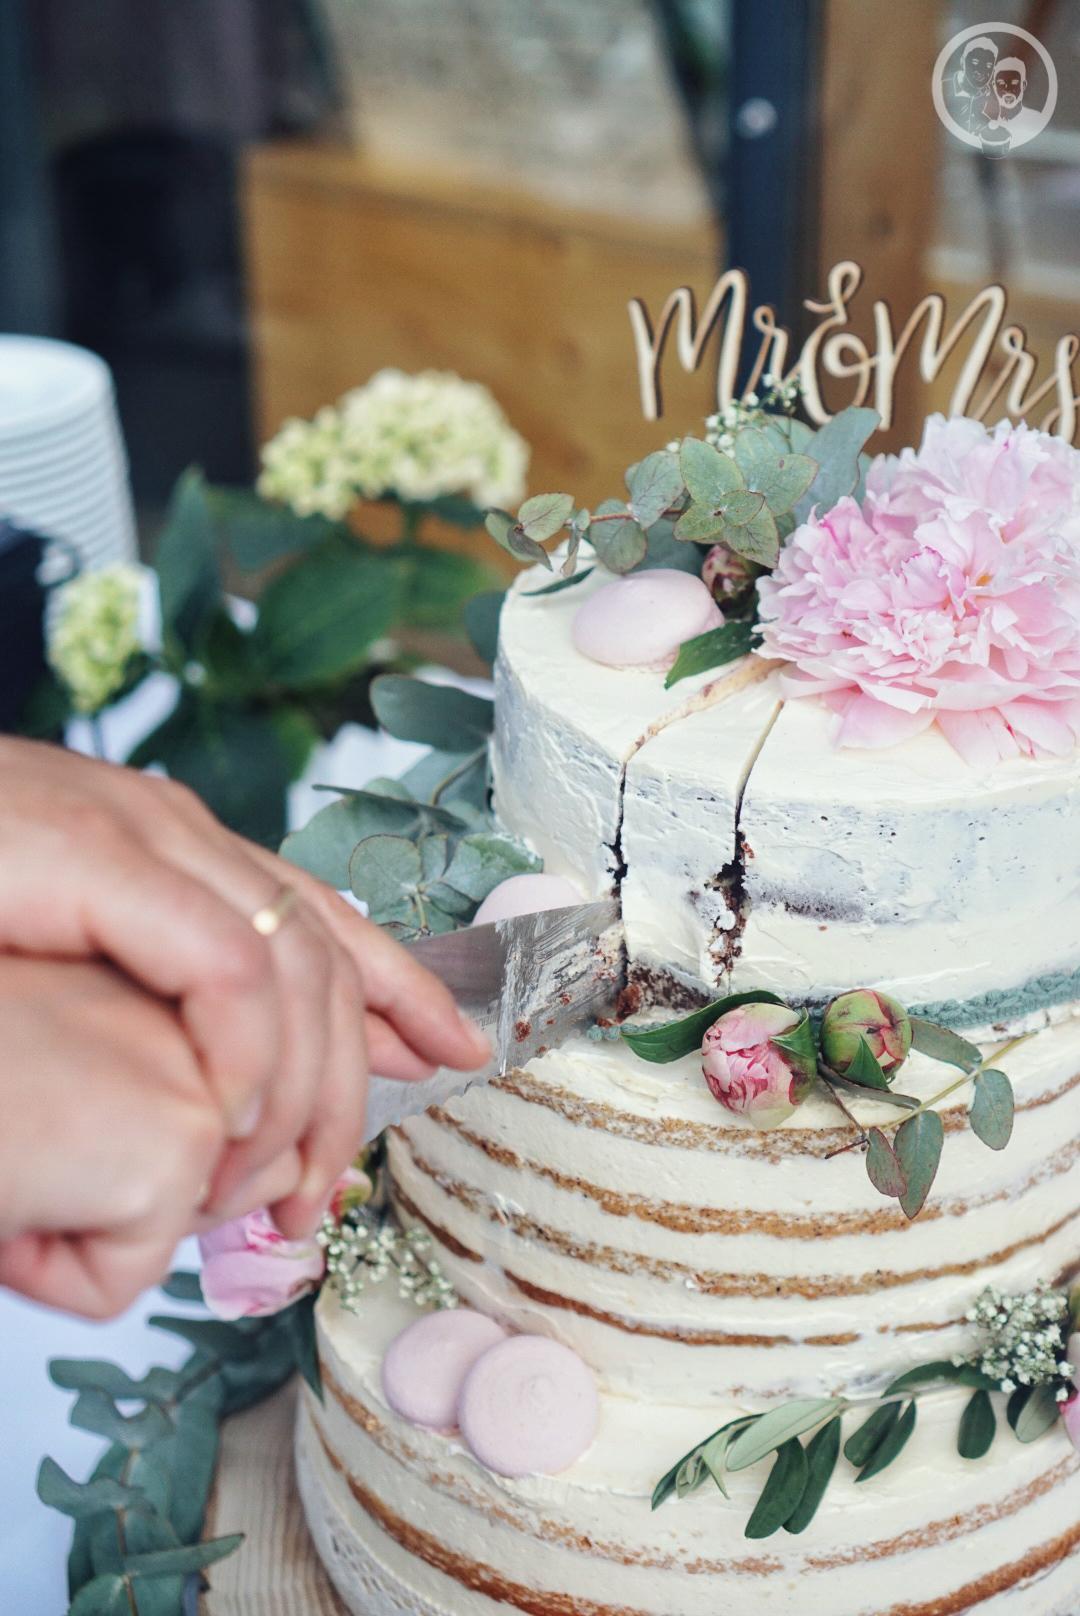 Das Paar schneidet die Torte an